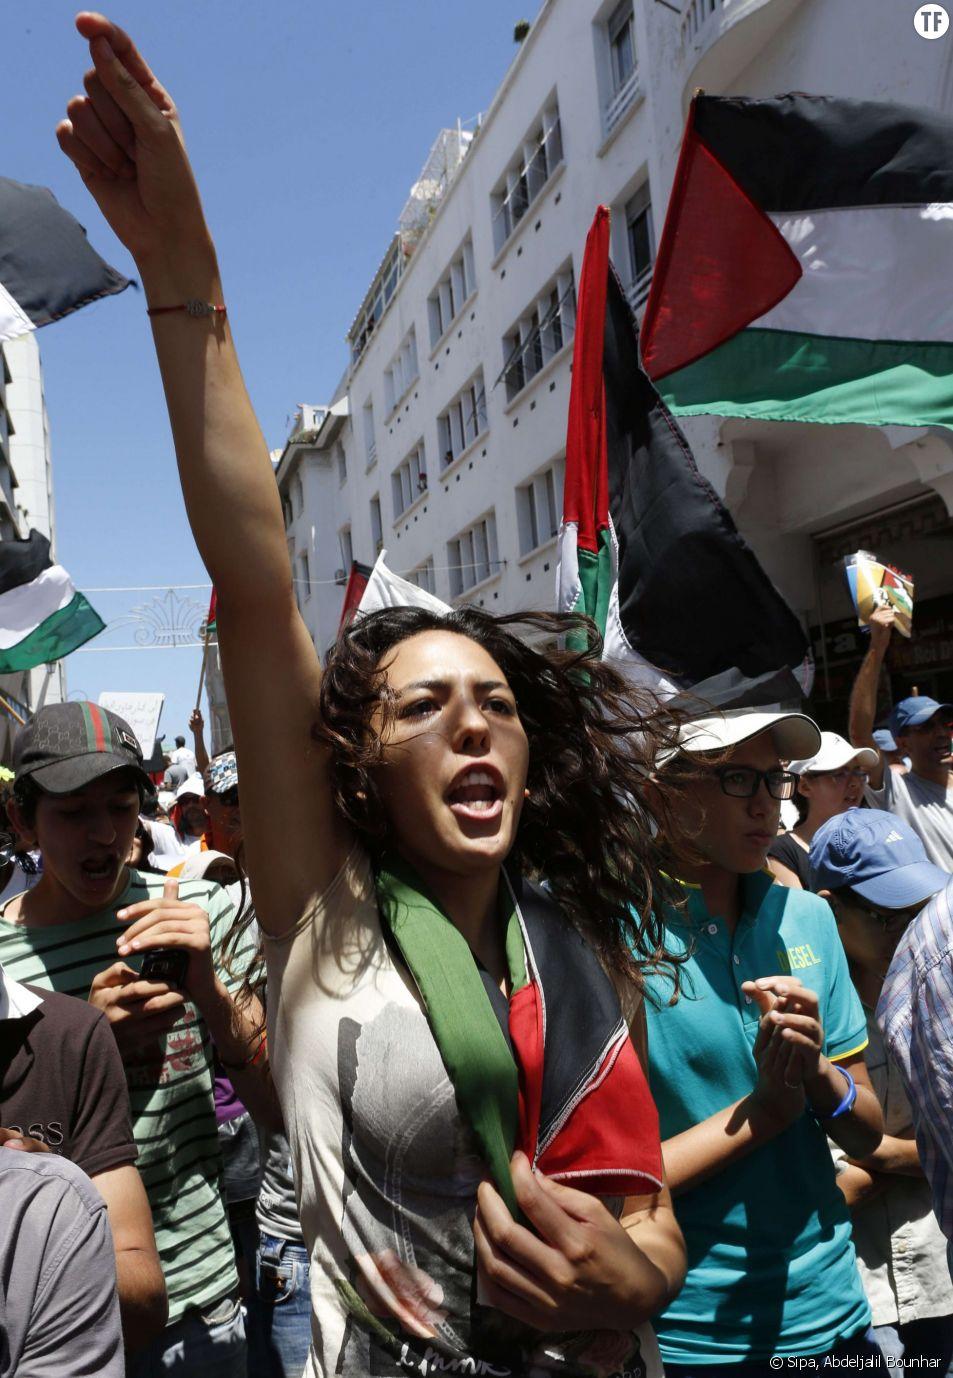 Une jeune femme marocaine à Rabat le 20 juillet 2014.